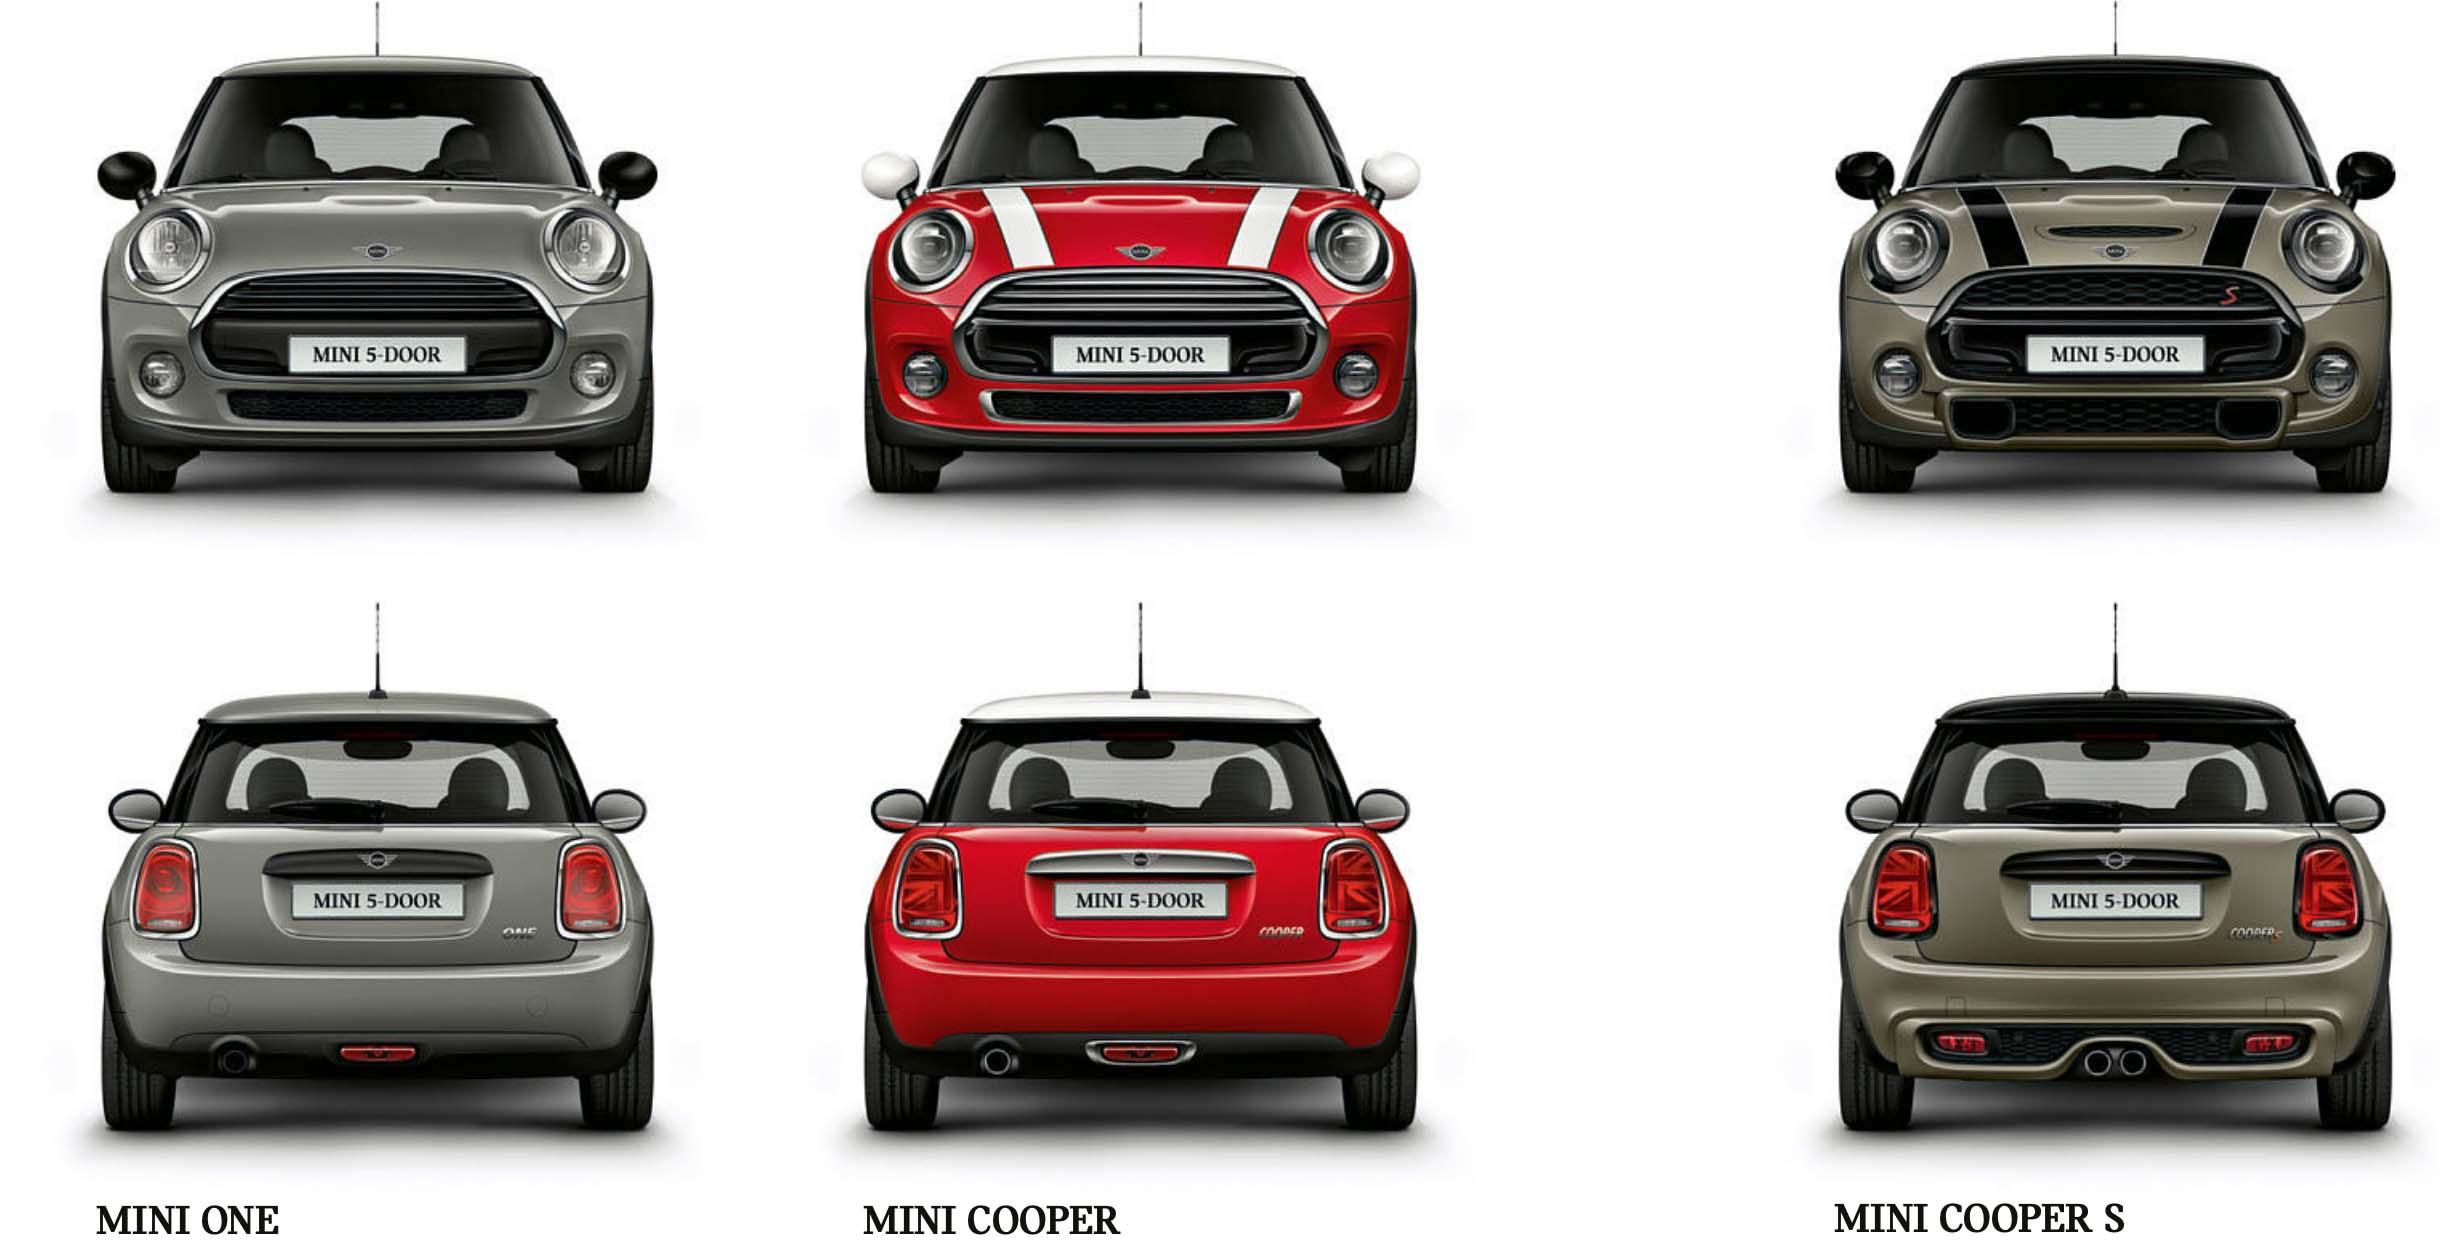 MINI 5-Door 以三車型販售:118 萬的 MINI One、145 萬的 MINI Cooper、169 萬的 MINI Coper S。